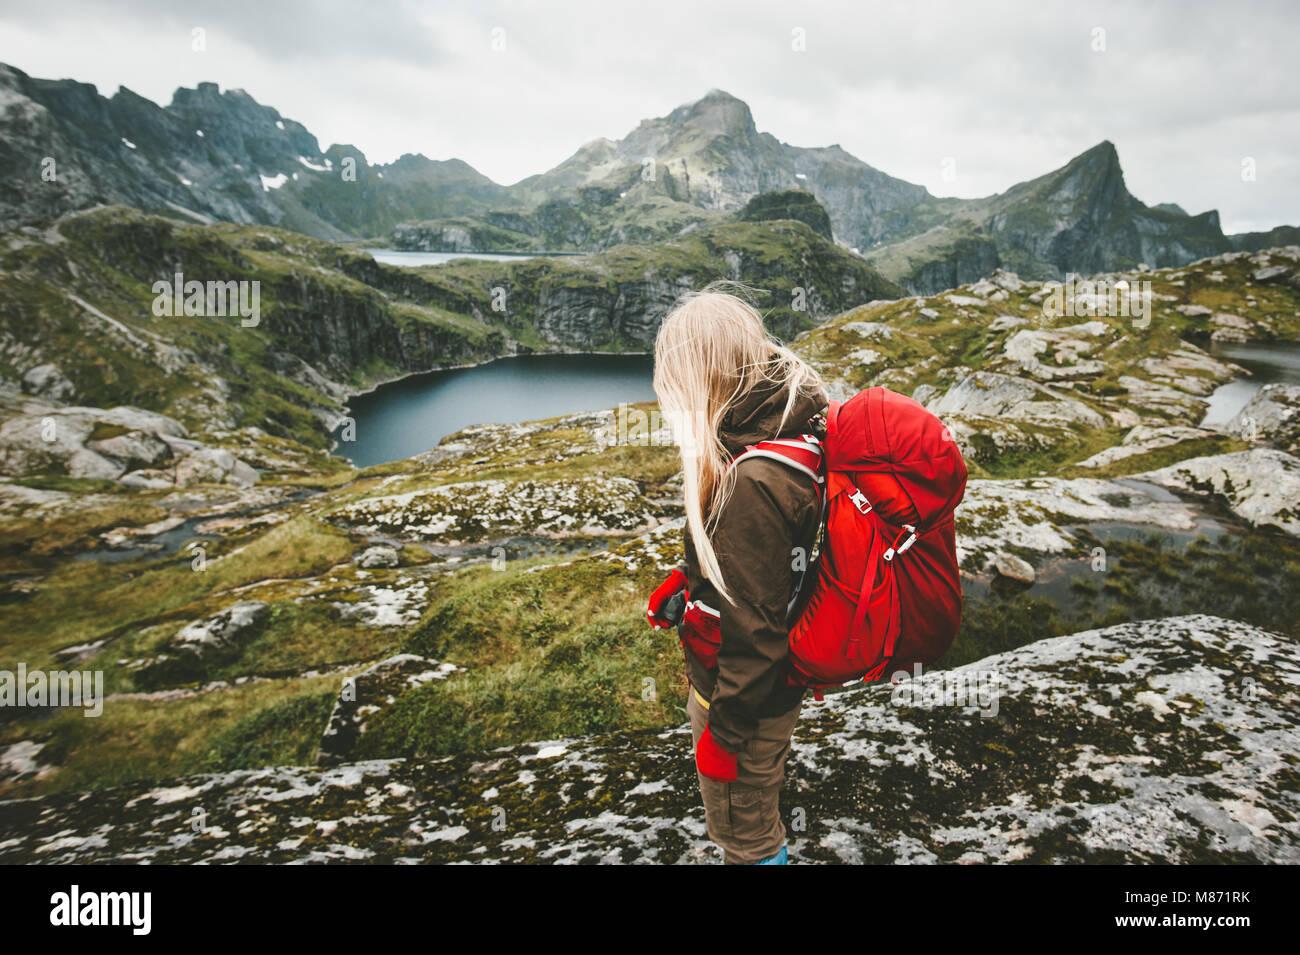 Femme avec sac à dos rouge touristiques randonnées en montagne Norvège voyages aventure concept active Photo Stock